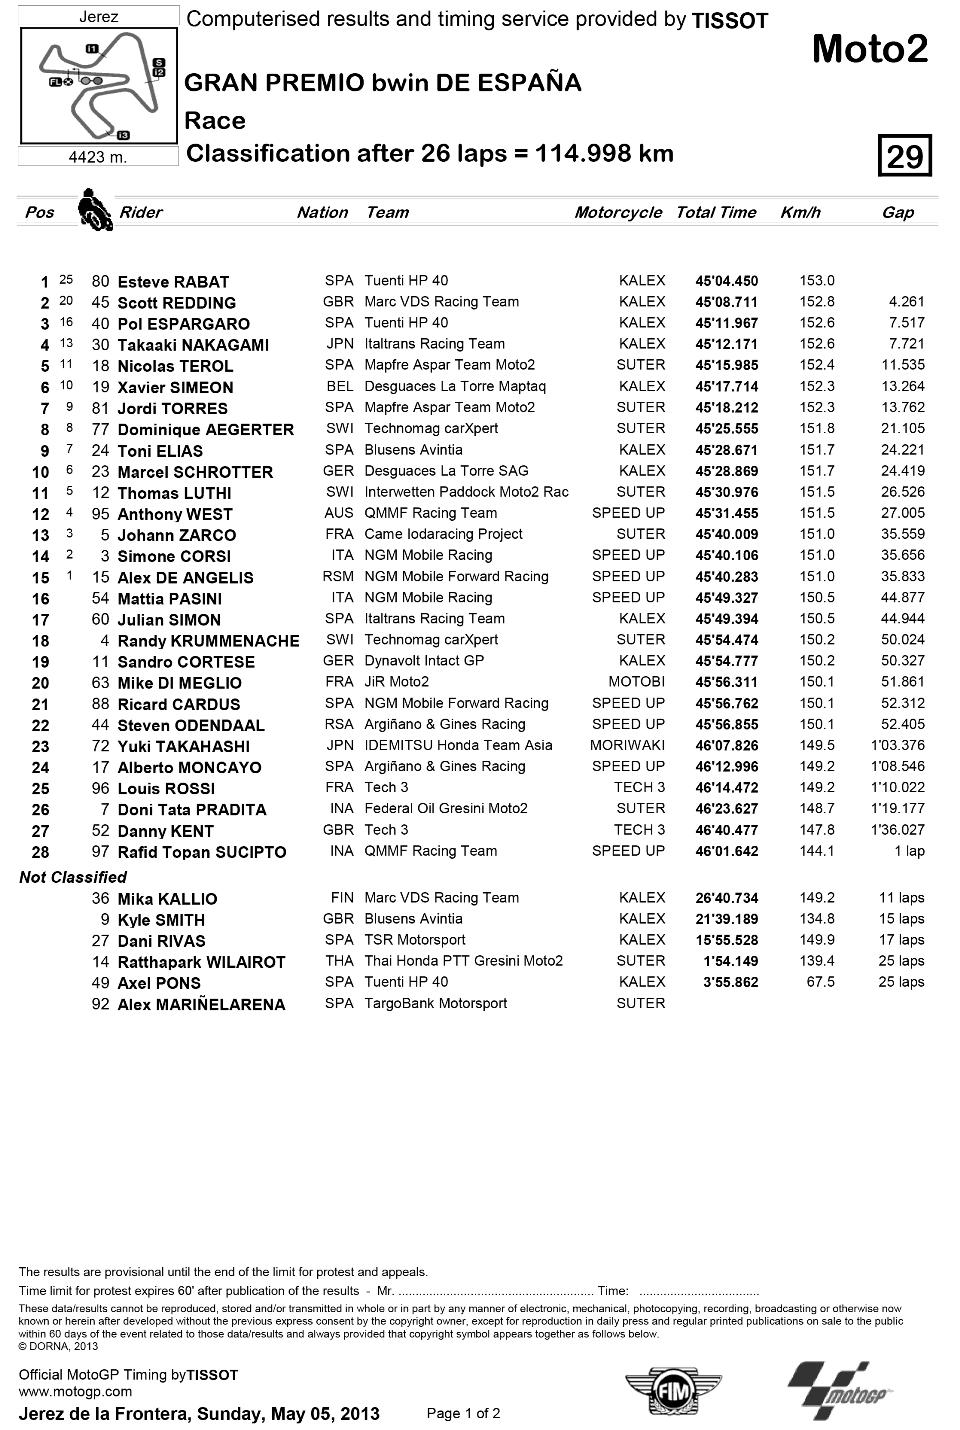 Представляем результаты гонки Moto2 Гран-При Испании 2013: